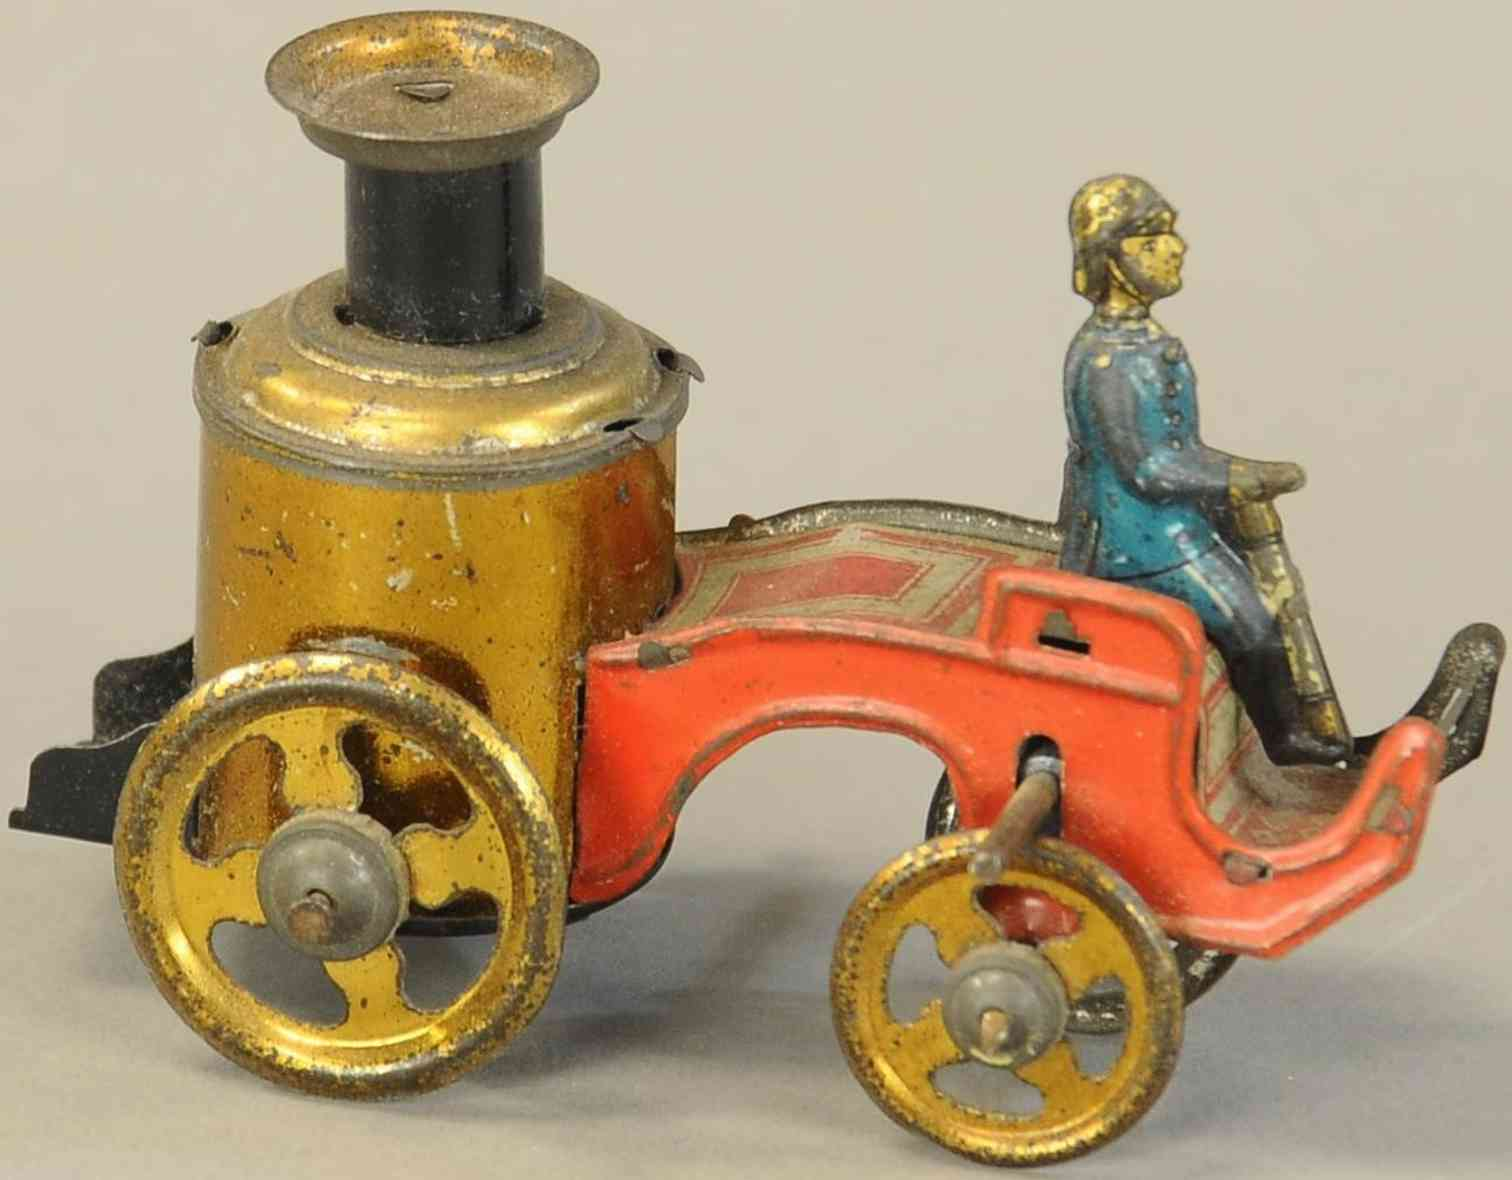 fischer georg penny toy feuerwehrkesselwagen mit fahrer